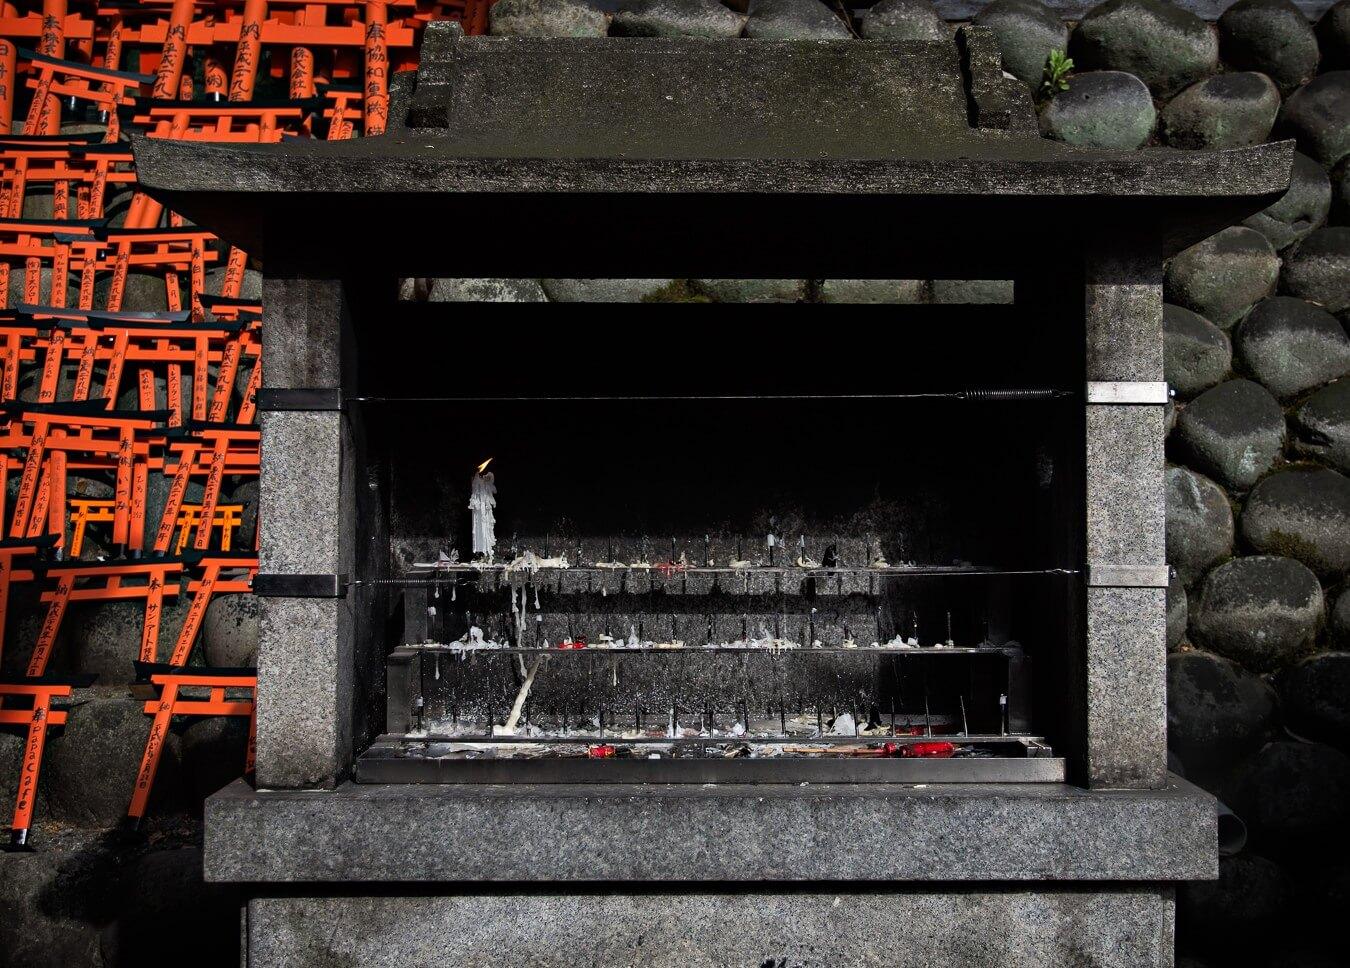 Fushimi Inari Shrine, Kyoto, Japan - Photo by Zed Sindelar of CuriousZed Photography